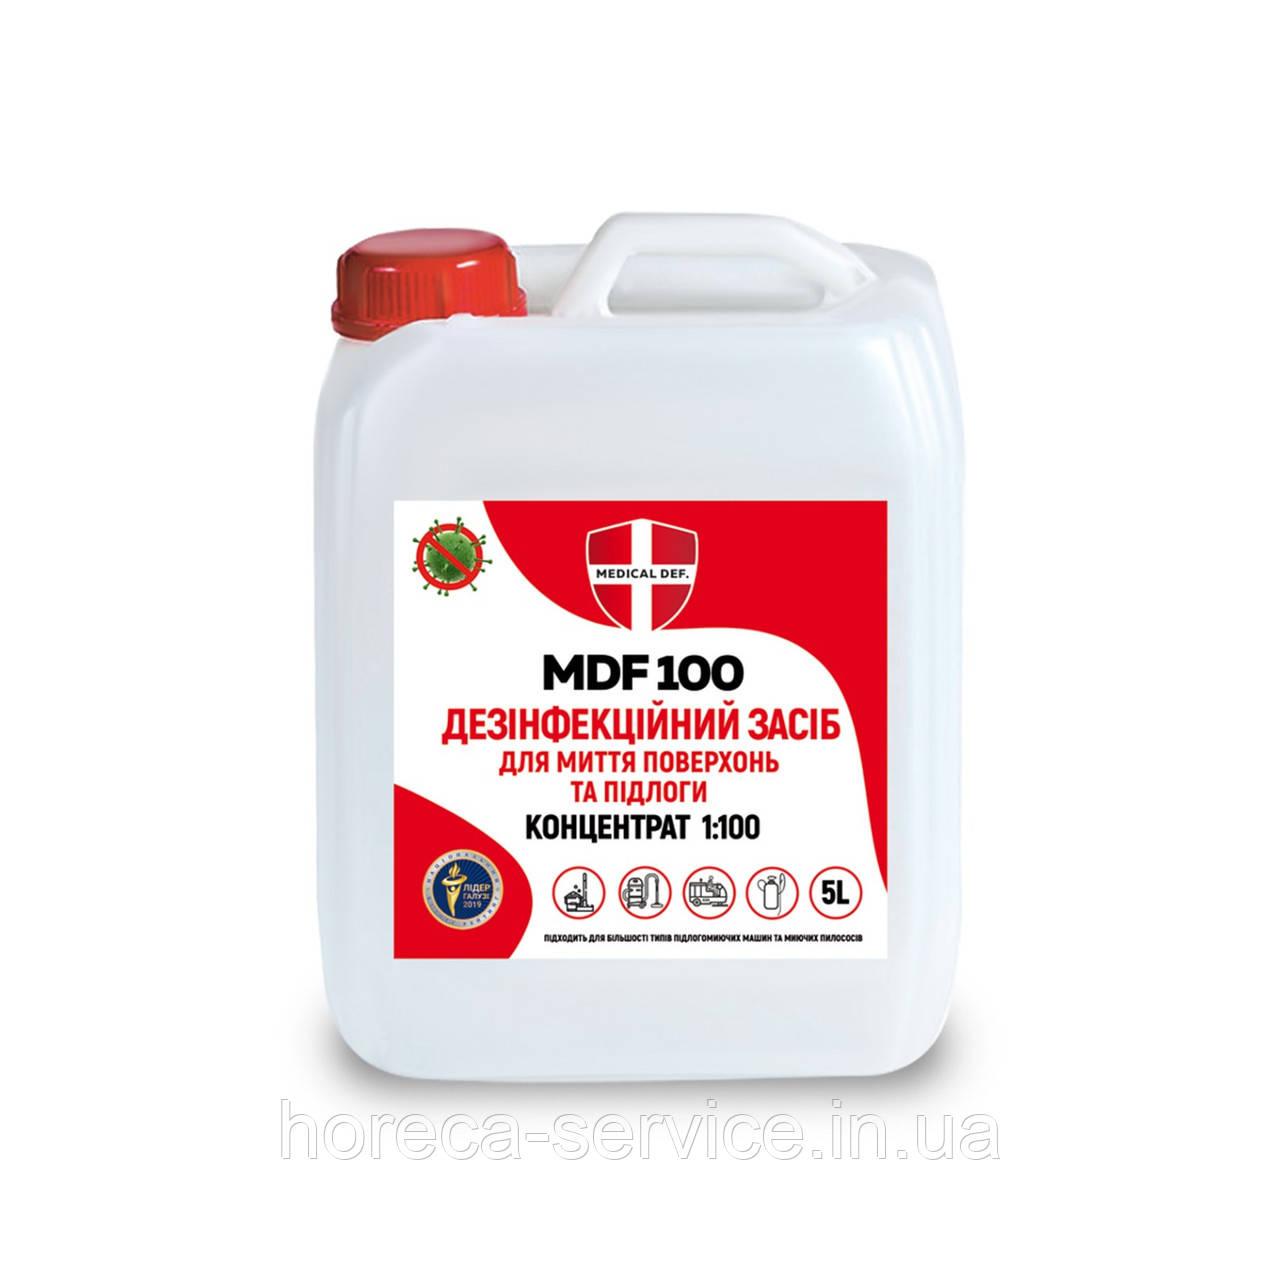 Средство для дезинфекции концентрат Medical Def MDF 100 для мытья поверхностей и пола 5 л.